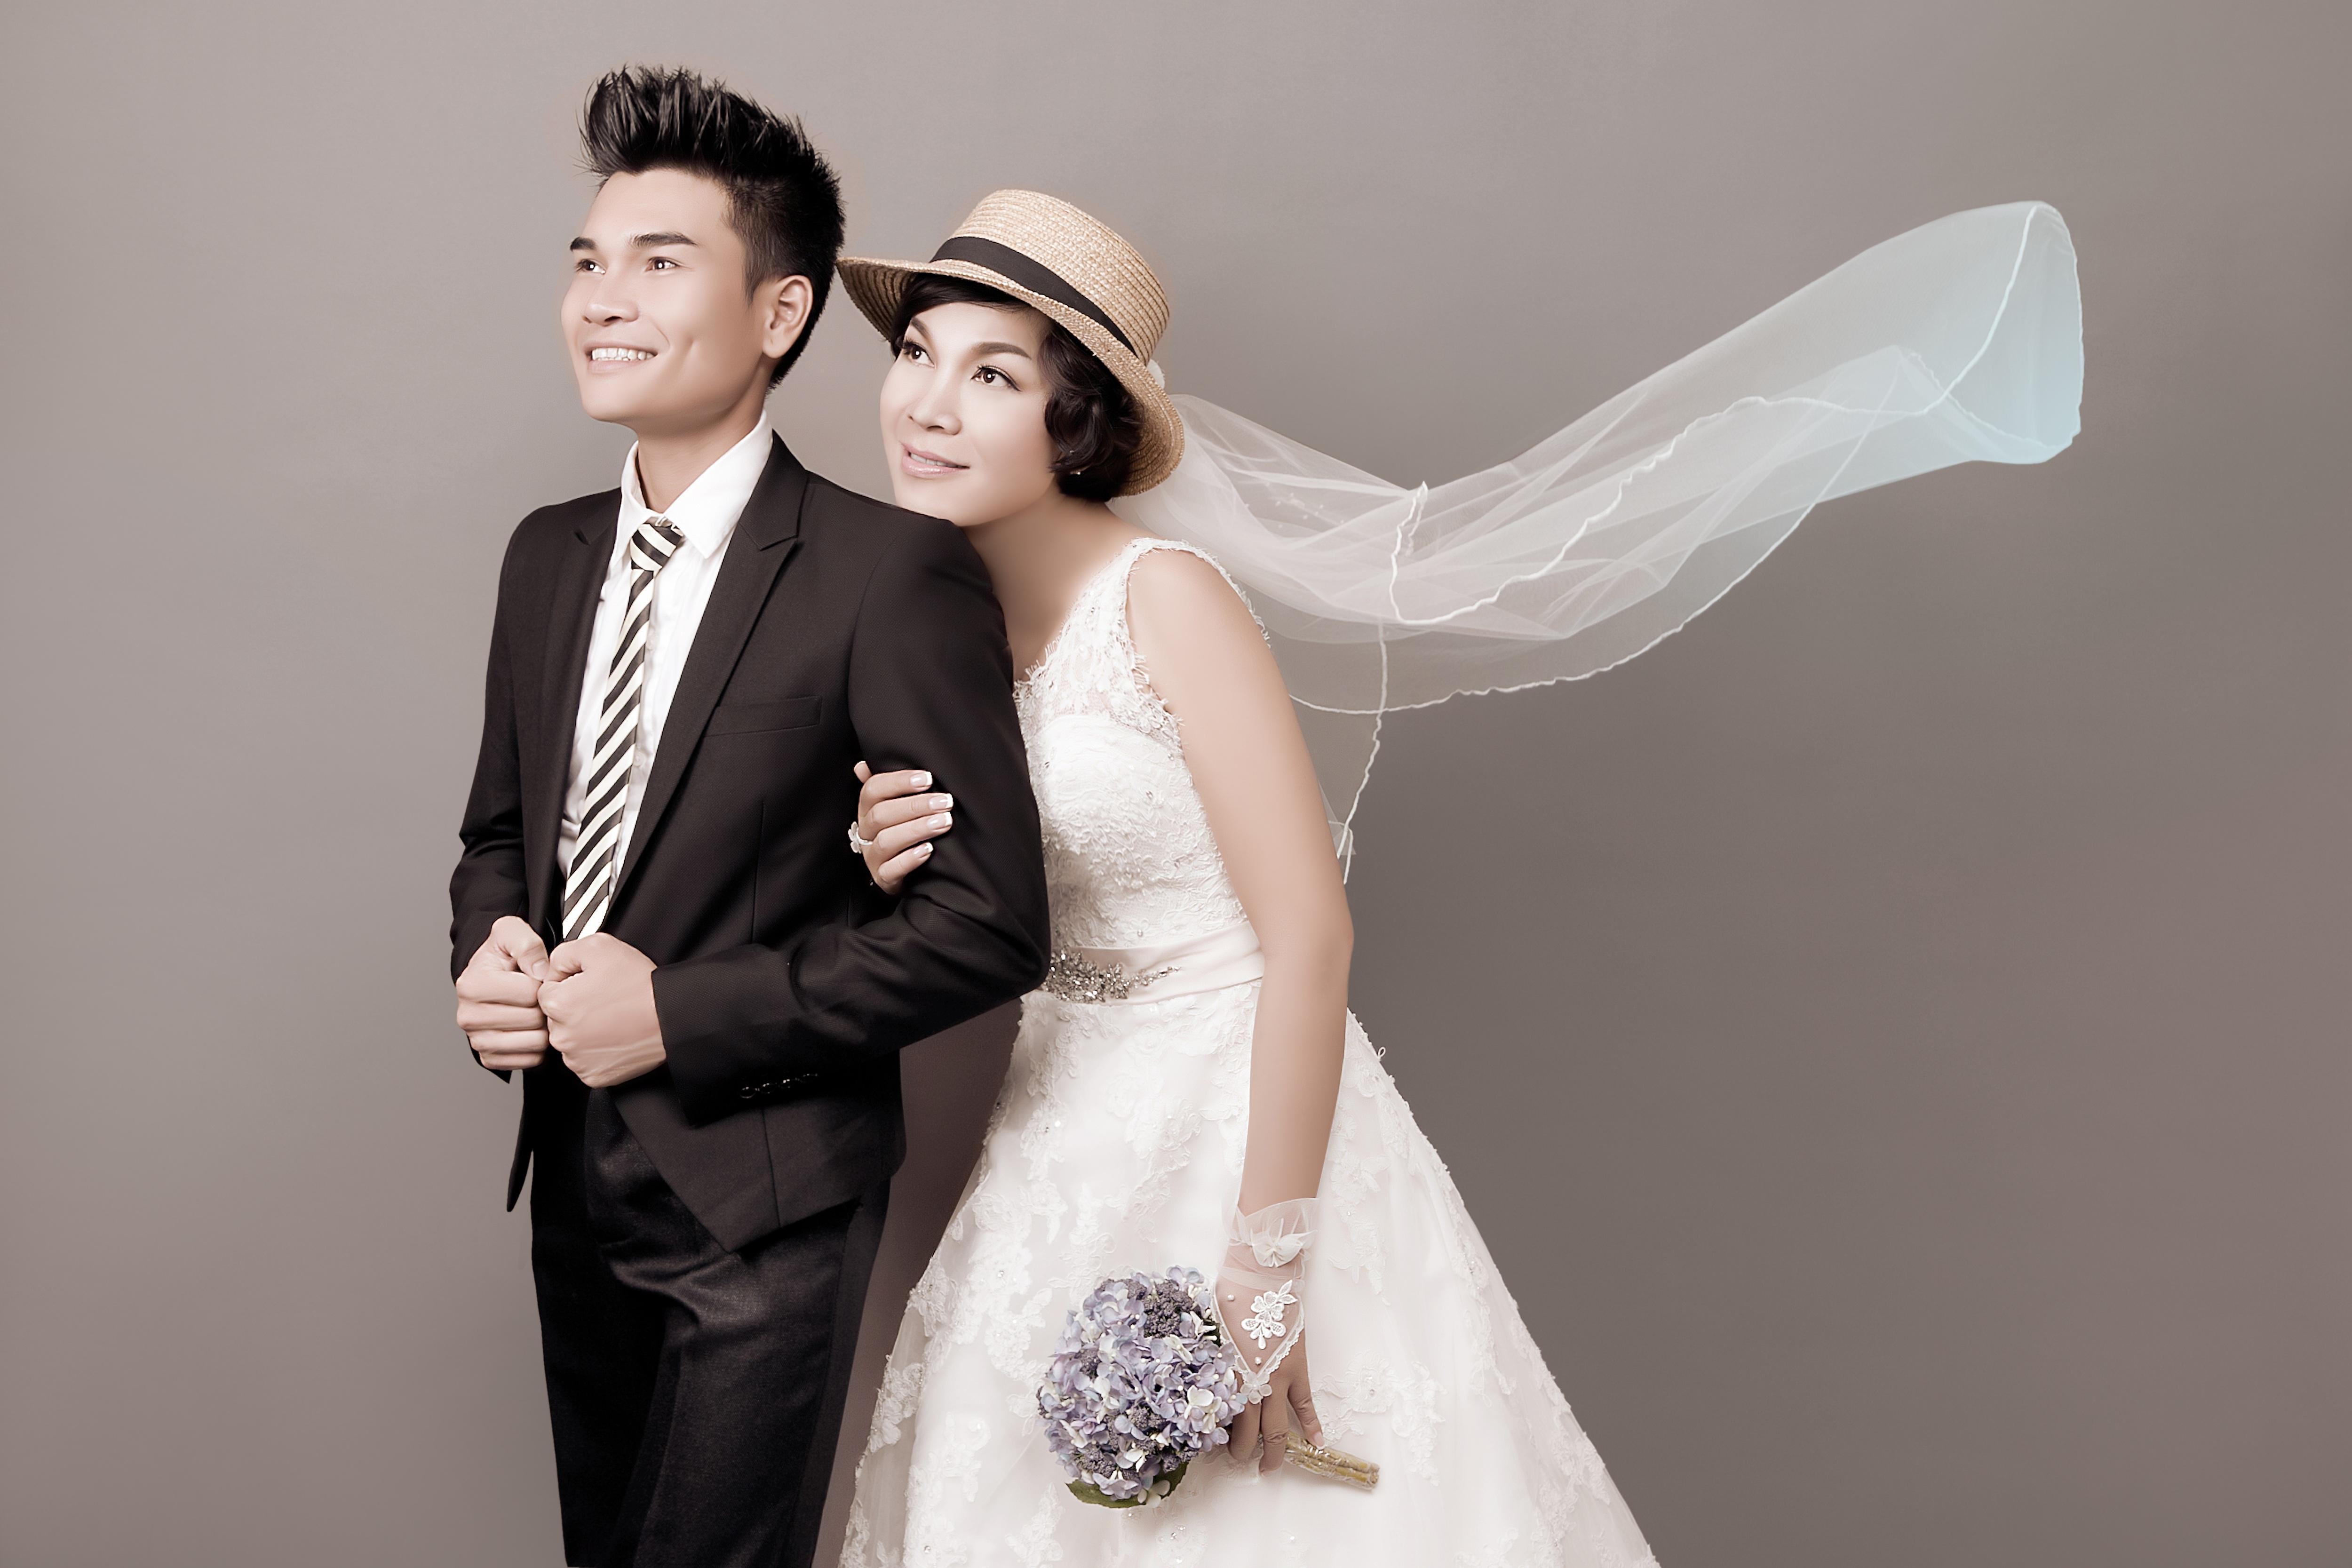 Vợ chồng ca sỹ Lê Duy đã sống với nhau gần 10 năm, họ chỉ chờ đến ngày được đàng hoàng đi đăng ký kết hôn để đúng nghĩa vợ chồng.